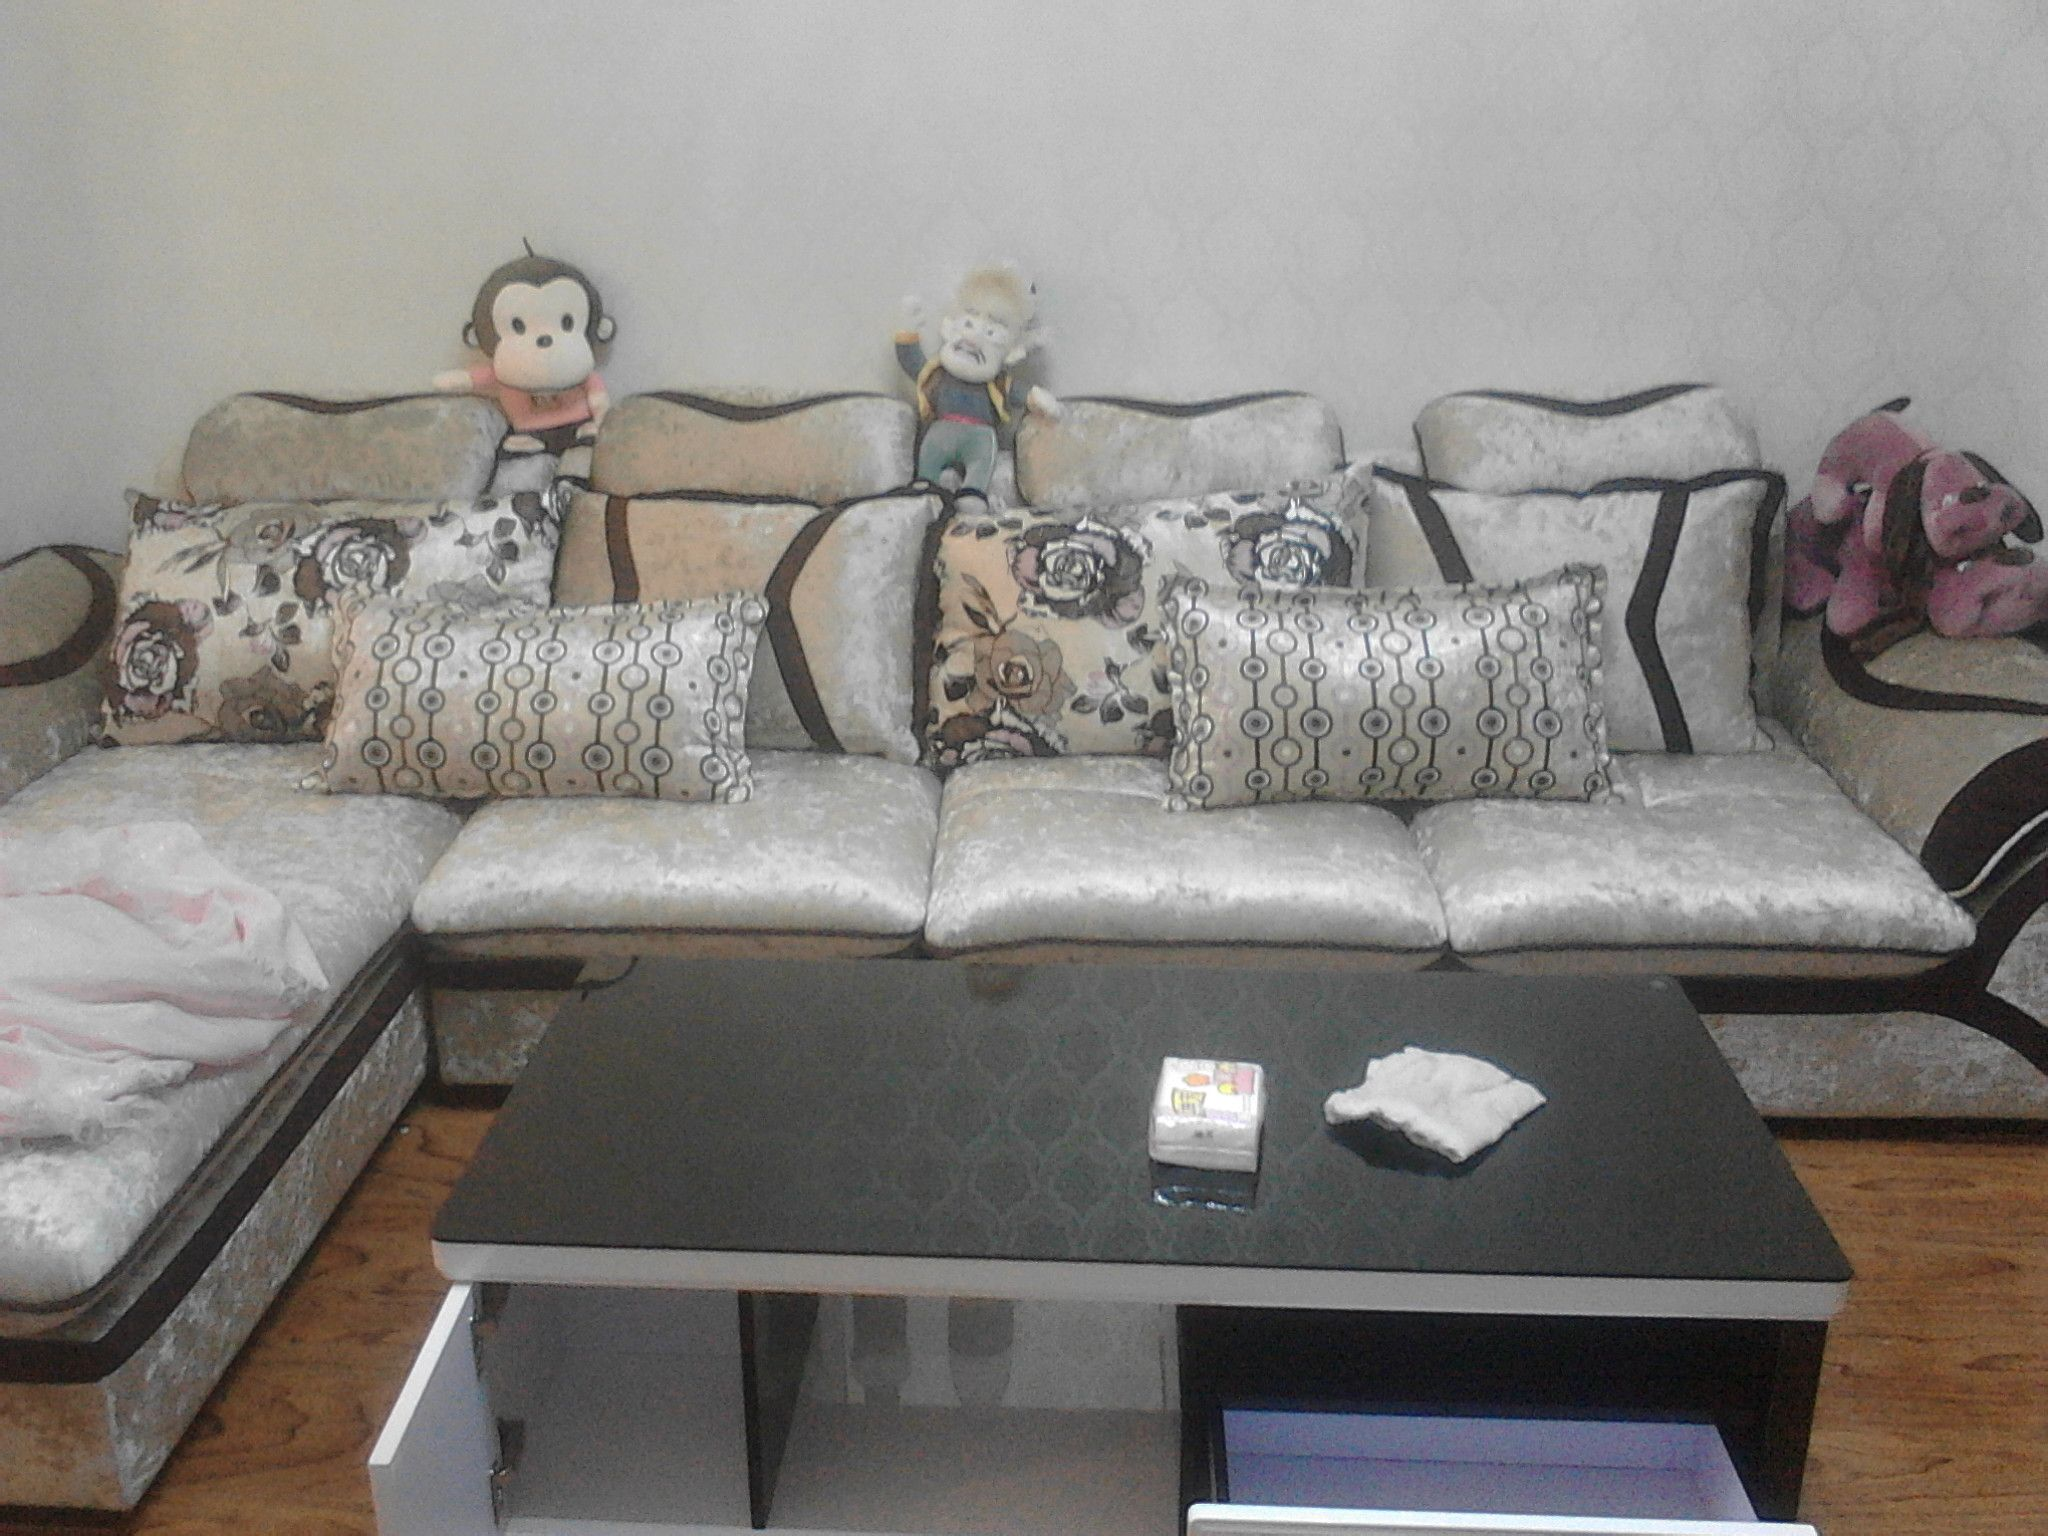 灰色沙发搭配沙发垫_土黄色绒面的沙发搭配什么颜色图案的沙发垫好看一些_百度知道